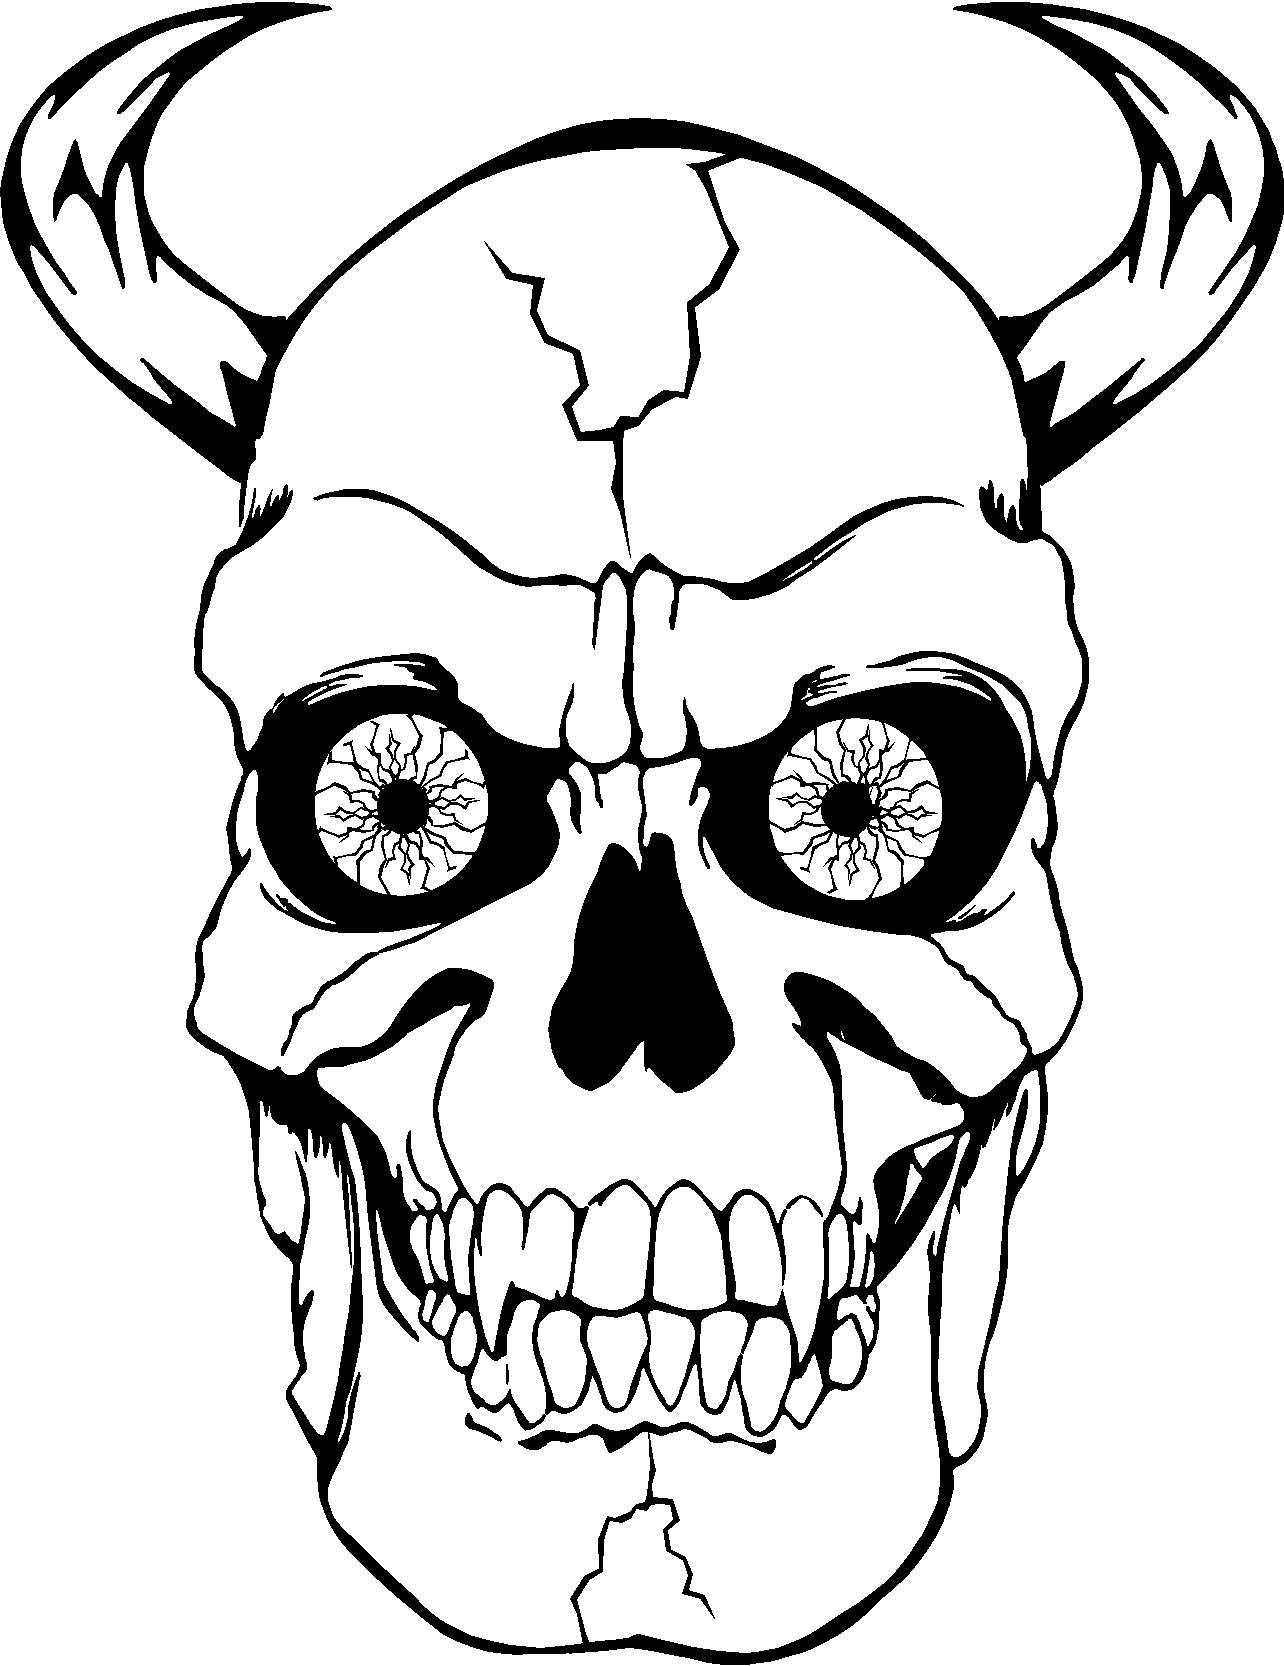 Totenkopf Zum Ausdrucken Kostenlos - 1Ausmalbilder bestimmt für Totenkopf Zum Ausmalen